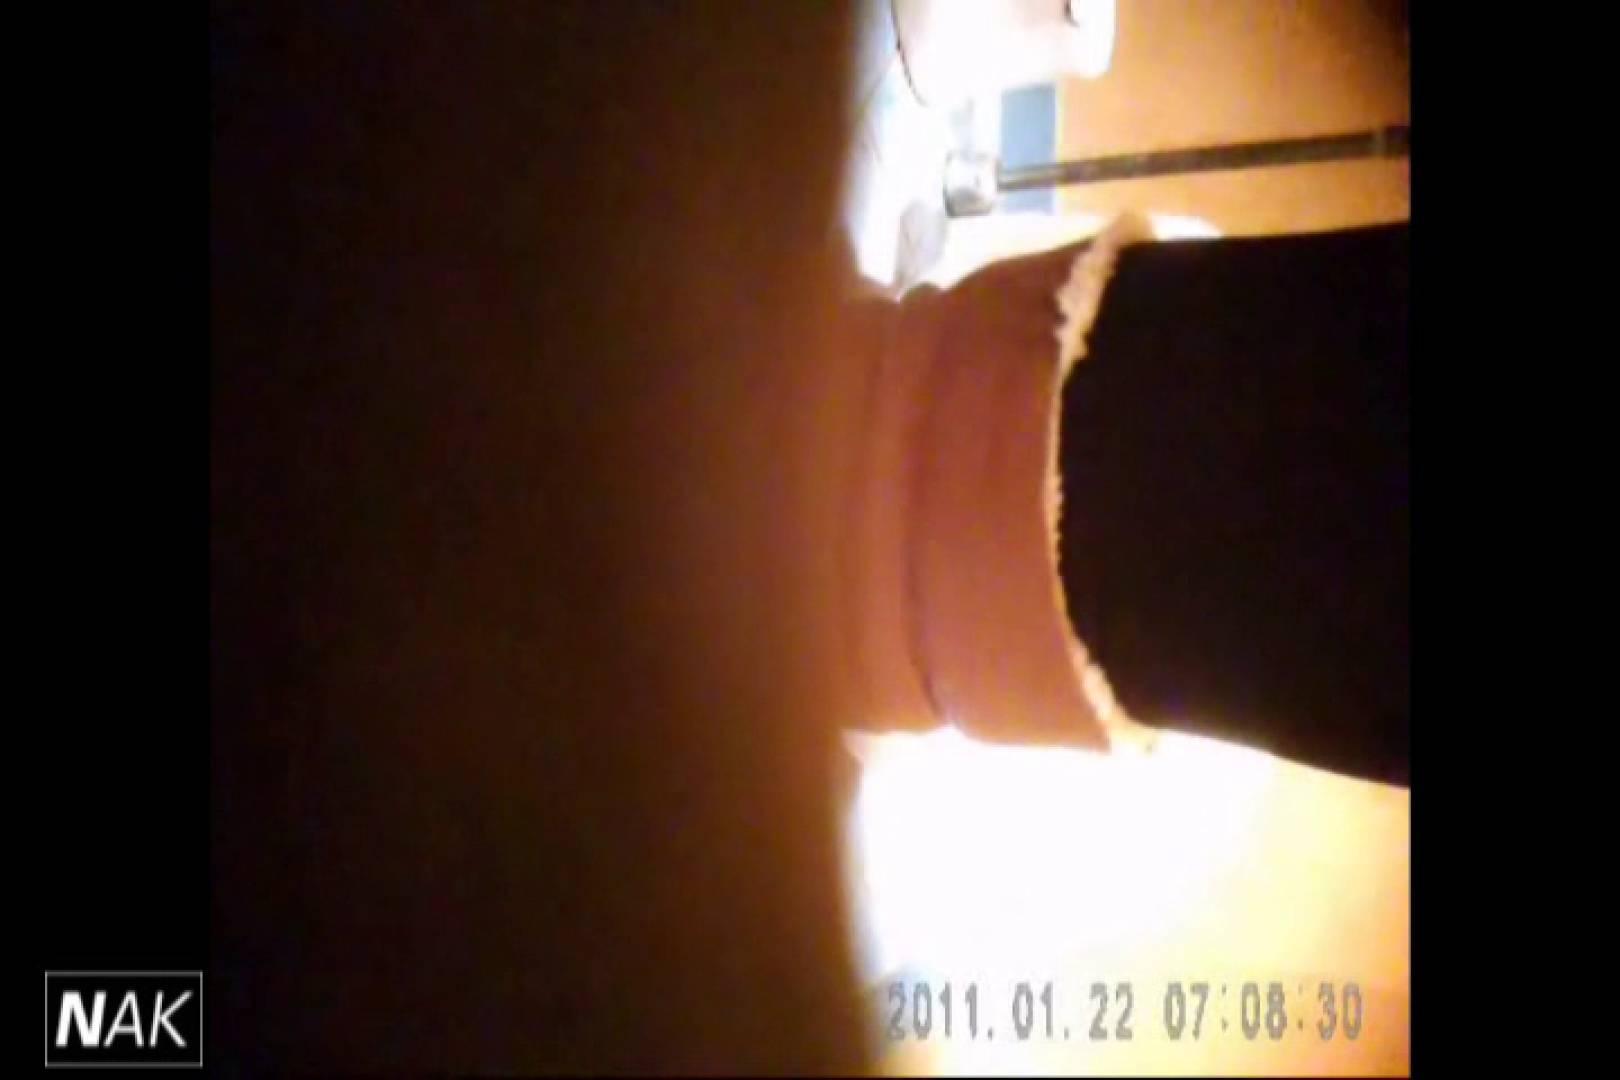 せん八さんの厠観察日記!2点監視カメラ 高画質5000K vol.10 高画質 盗撮オメコ無修正動画無料 67画像 54